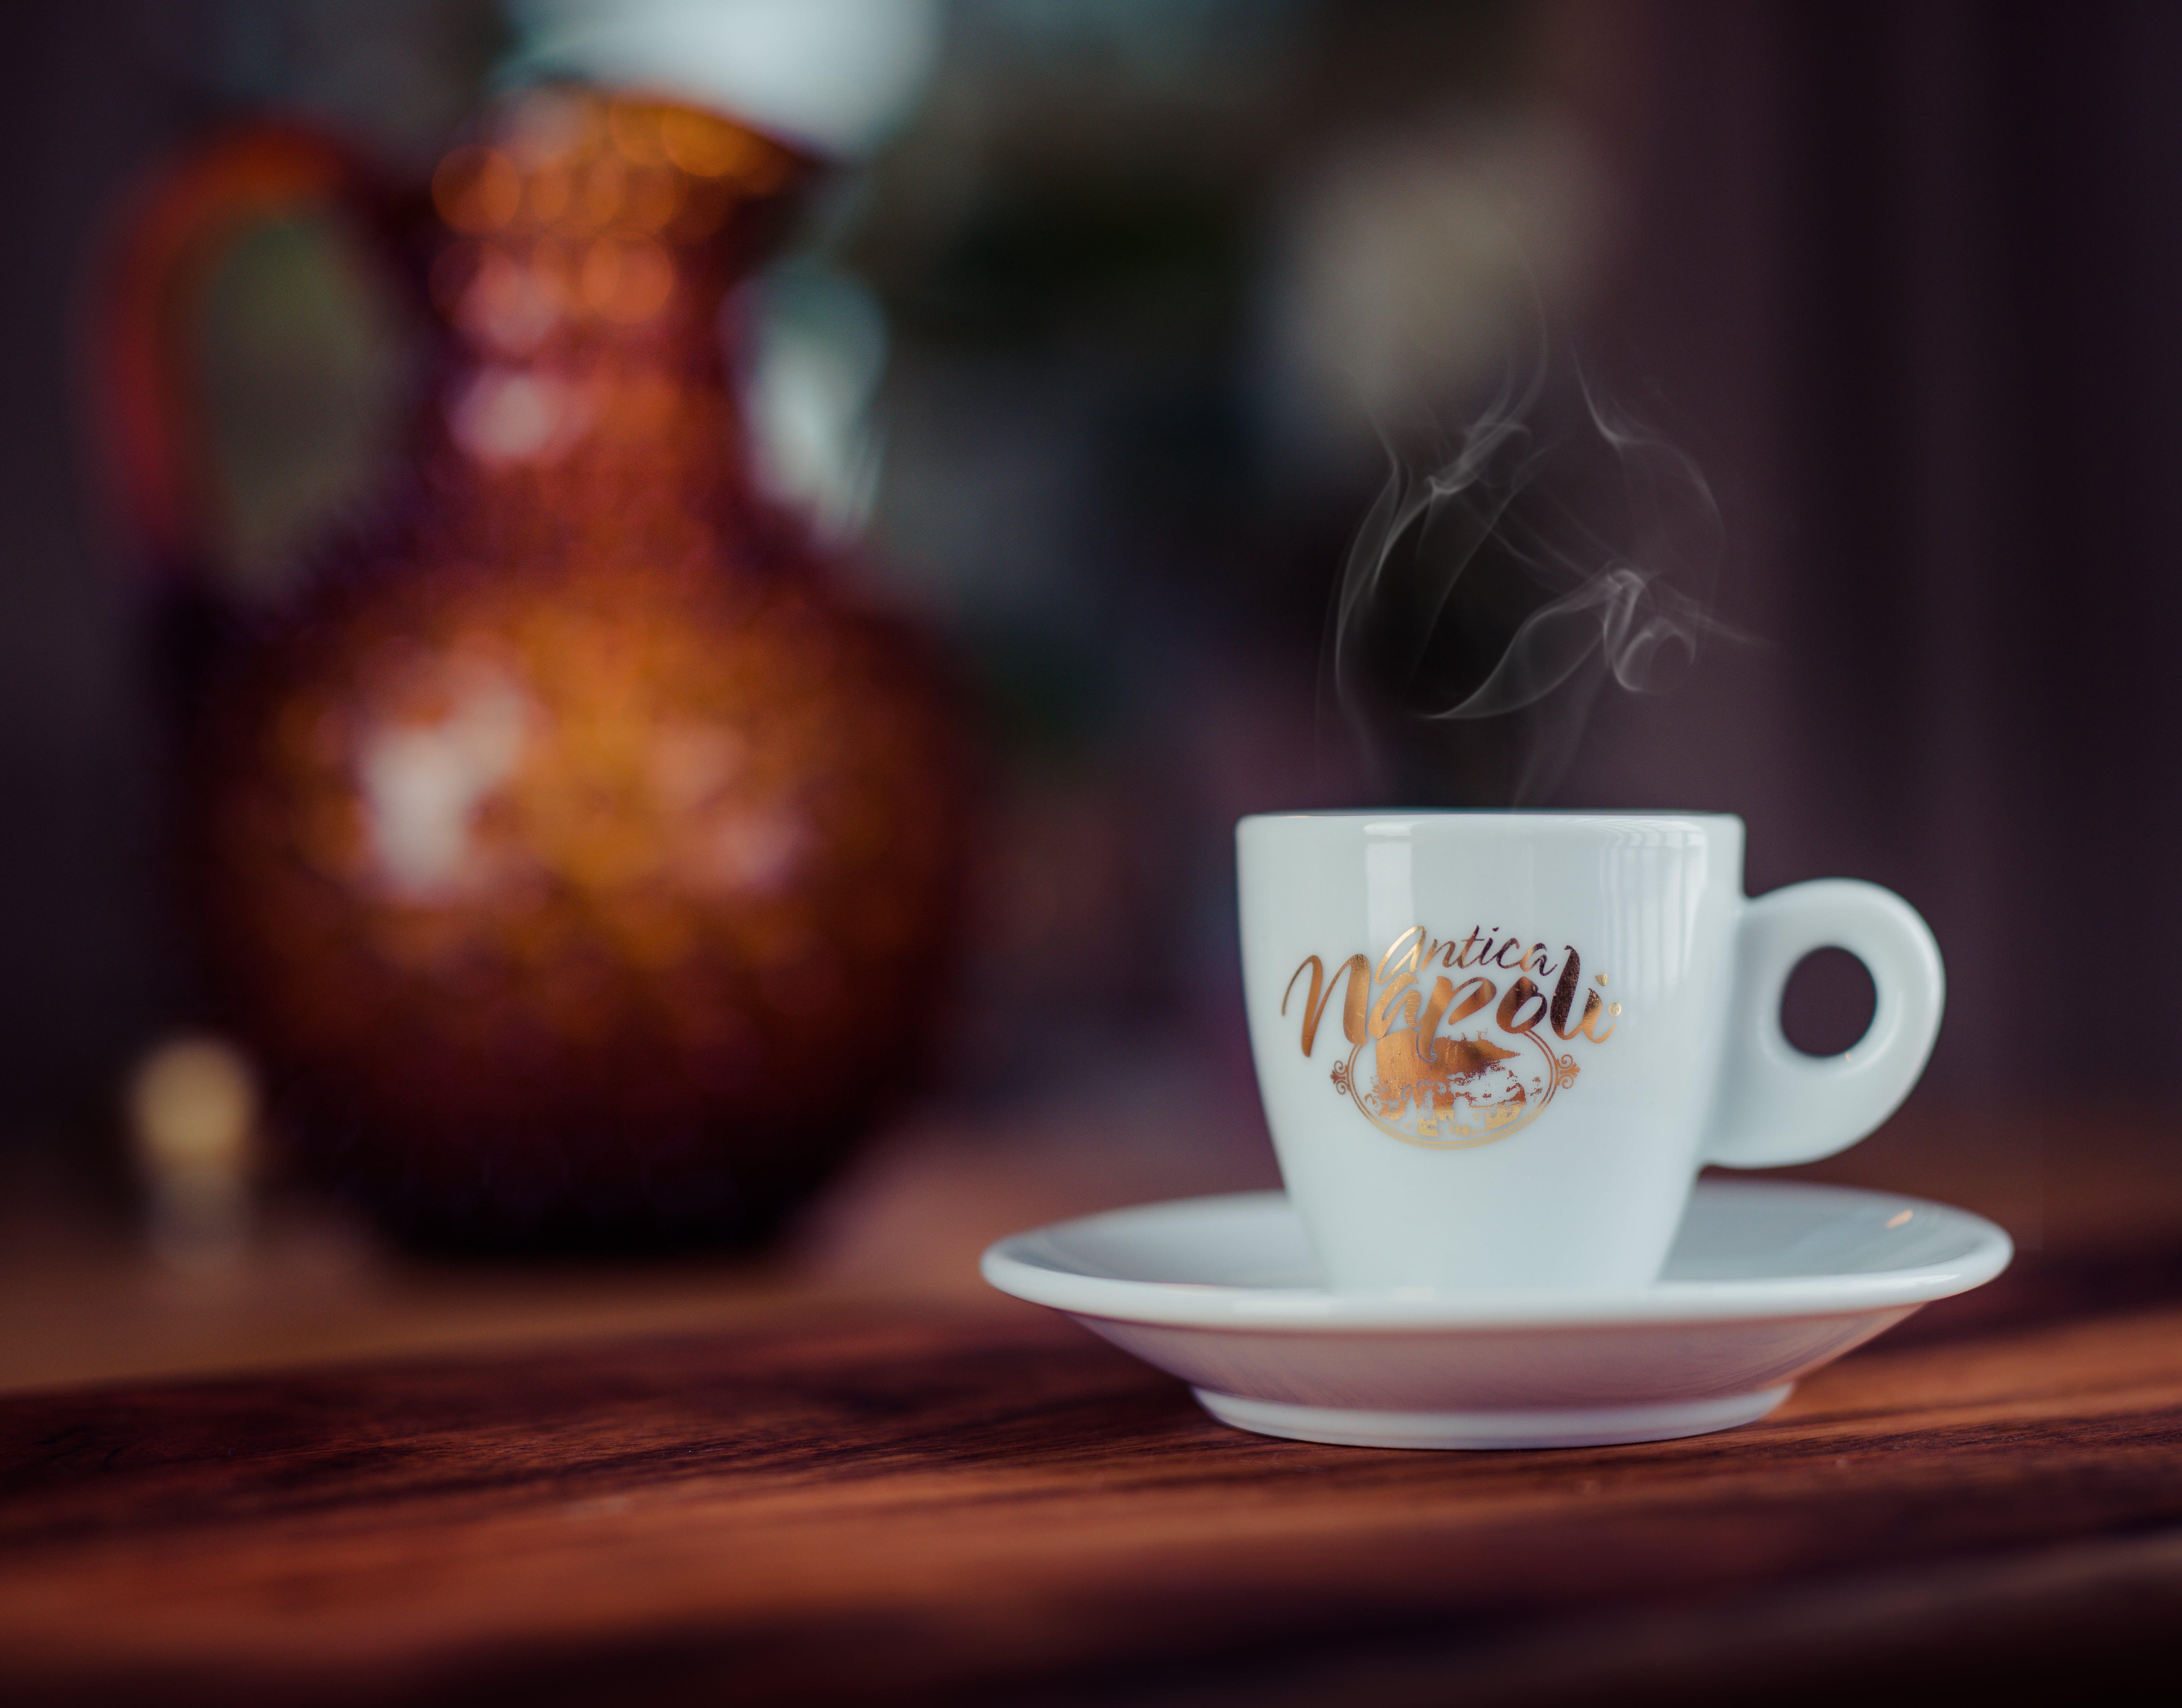 アンティカ, エスプレッソ, コーヒー, コーヒーカップの無料の写真素材